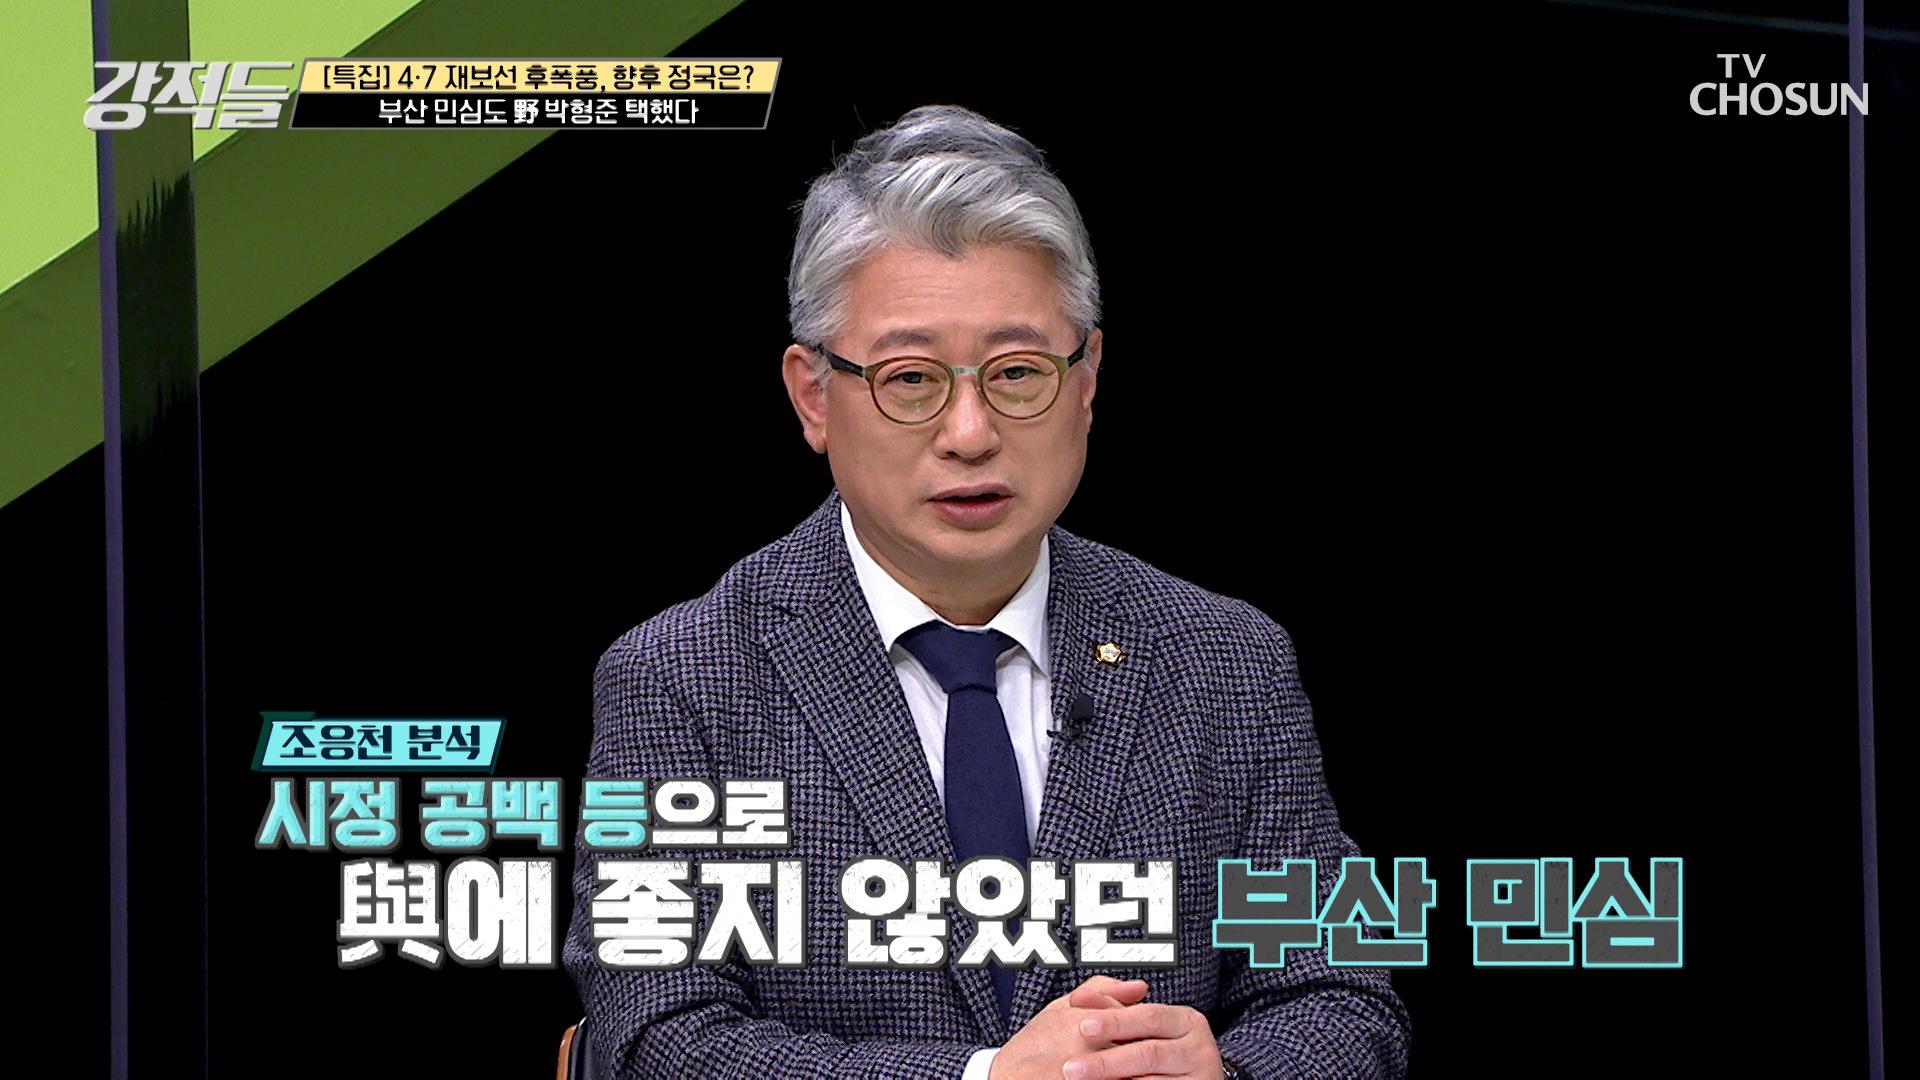 예선이 사실상 본선이었던 부산시장 선거 TV CHOSUN 210410 방송